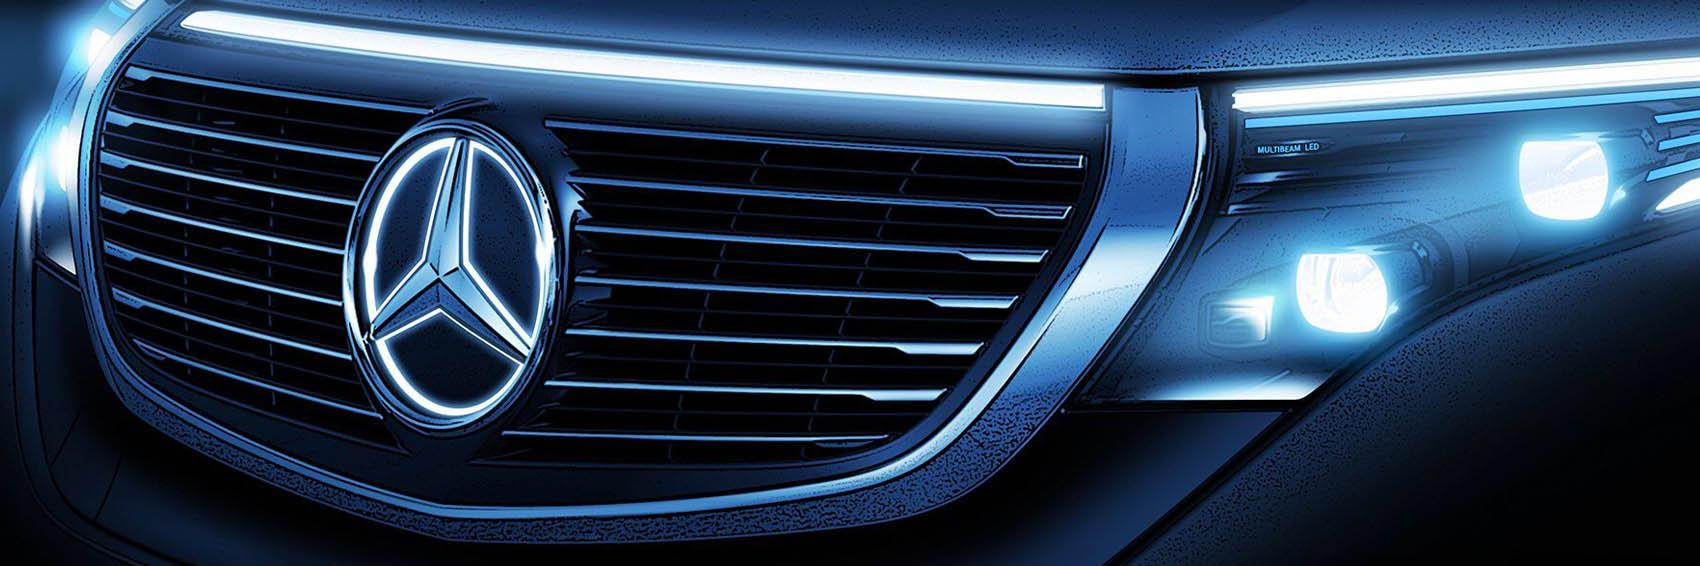 Der Innovationsbonus für Hybrid- und Elektrofahrzeuge